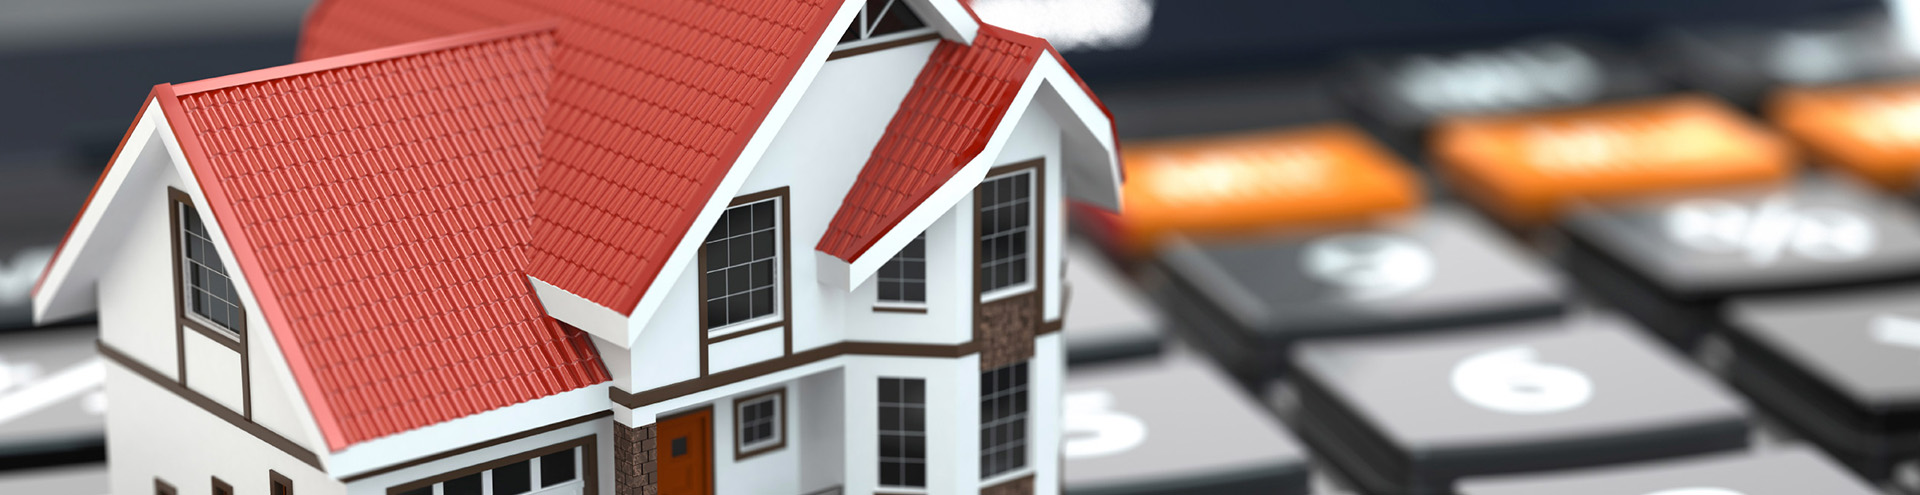 Оспаривание кадастровой стоимости недвижимости в Калуге и Калужской области